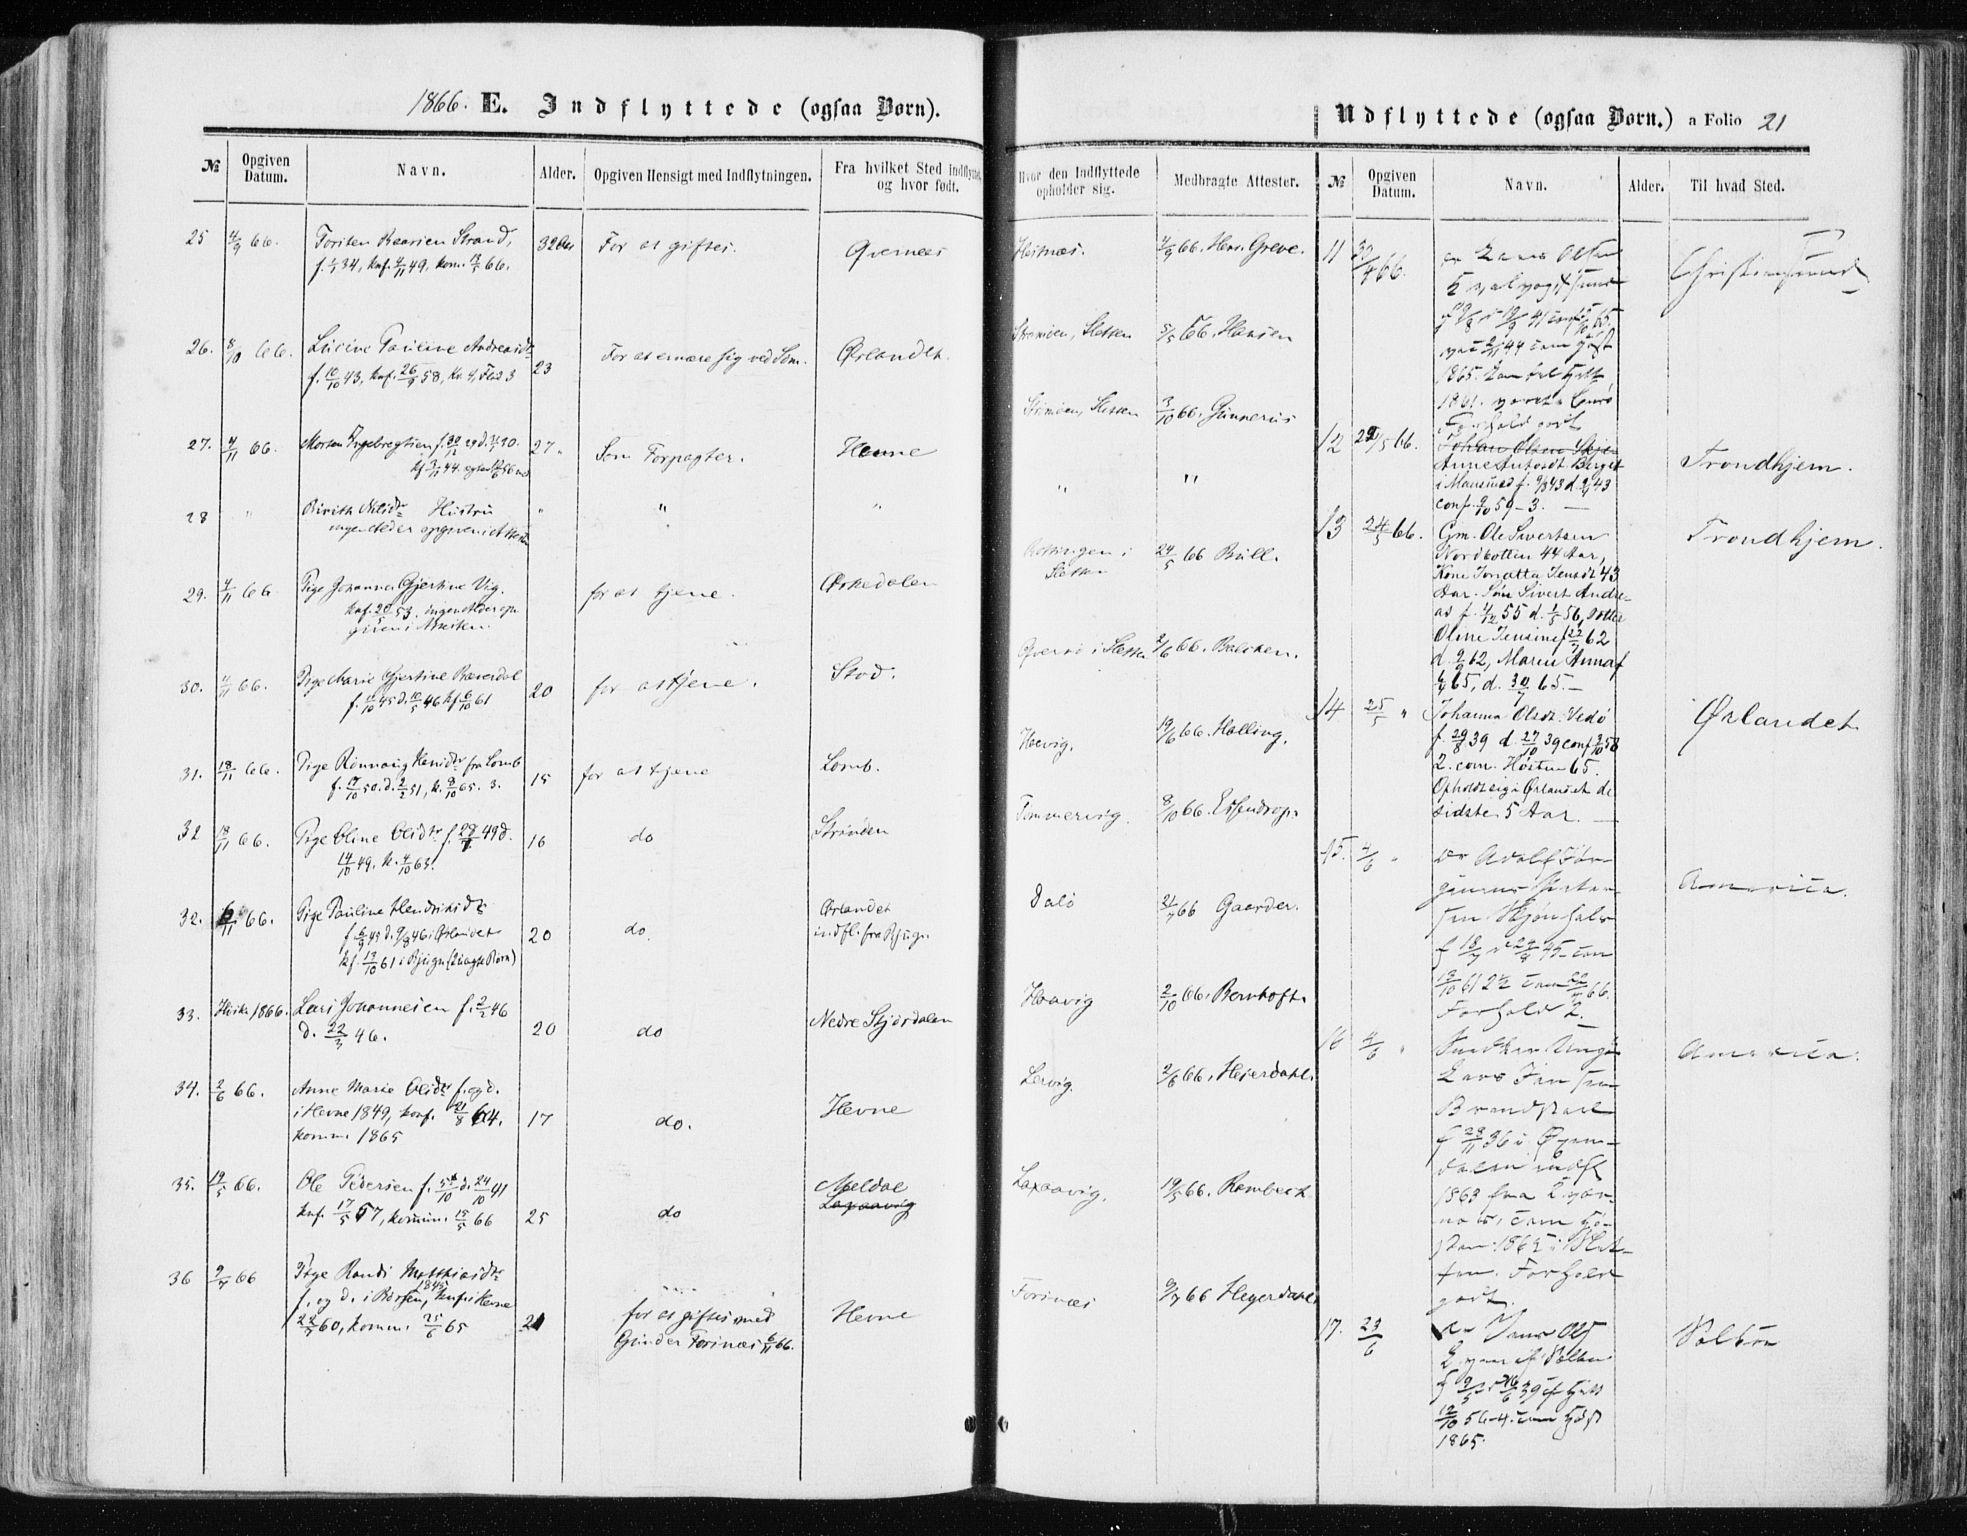 SAT, Ministerialprotokoller, klokkerbøker og fødselsregistre - Sør-Trøndelag, 634/L0531: Ministerialbok nr. 634A07, 1861-1870, s. 21